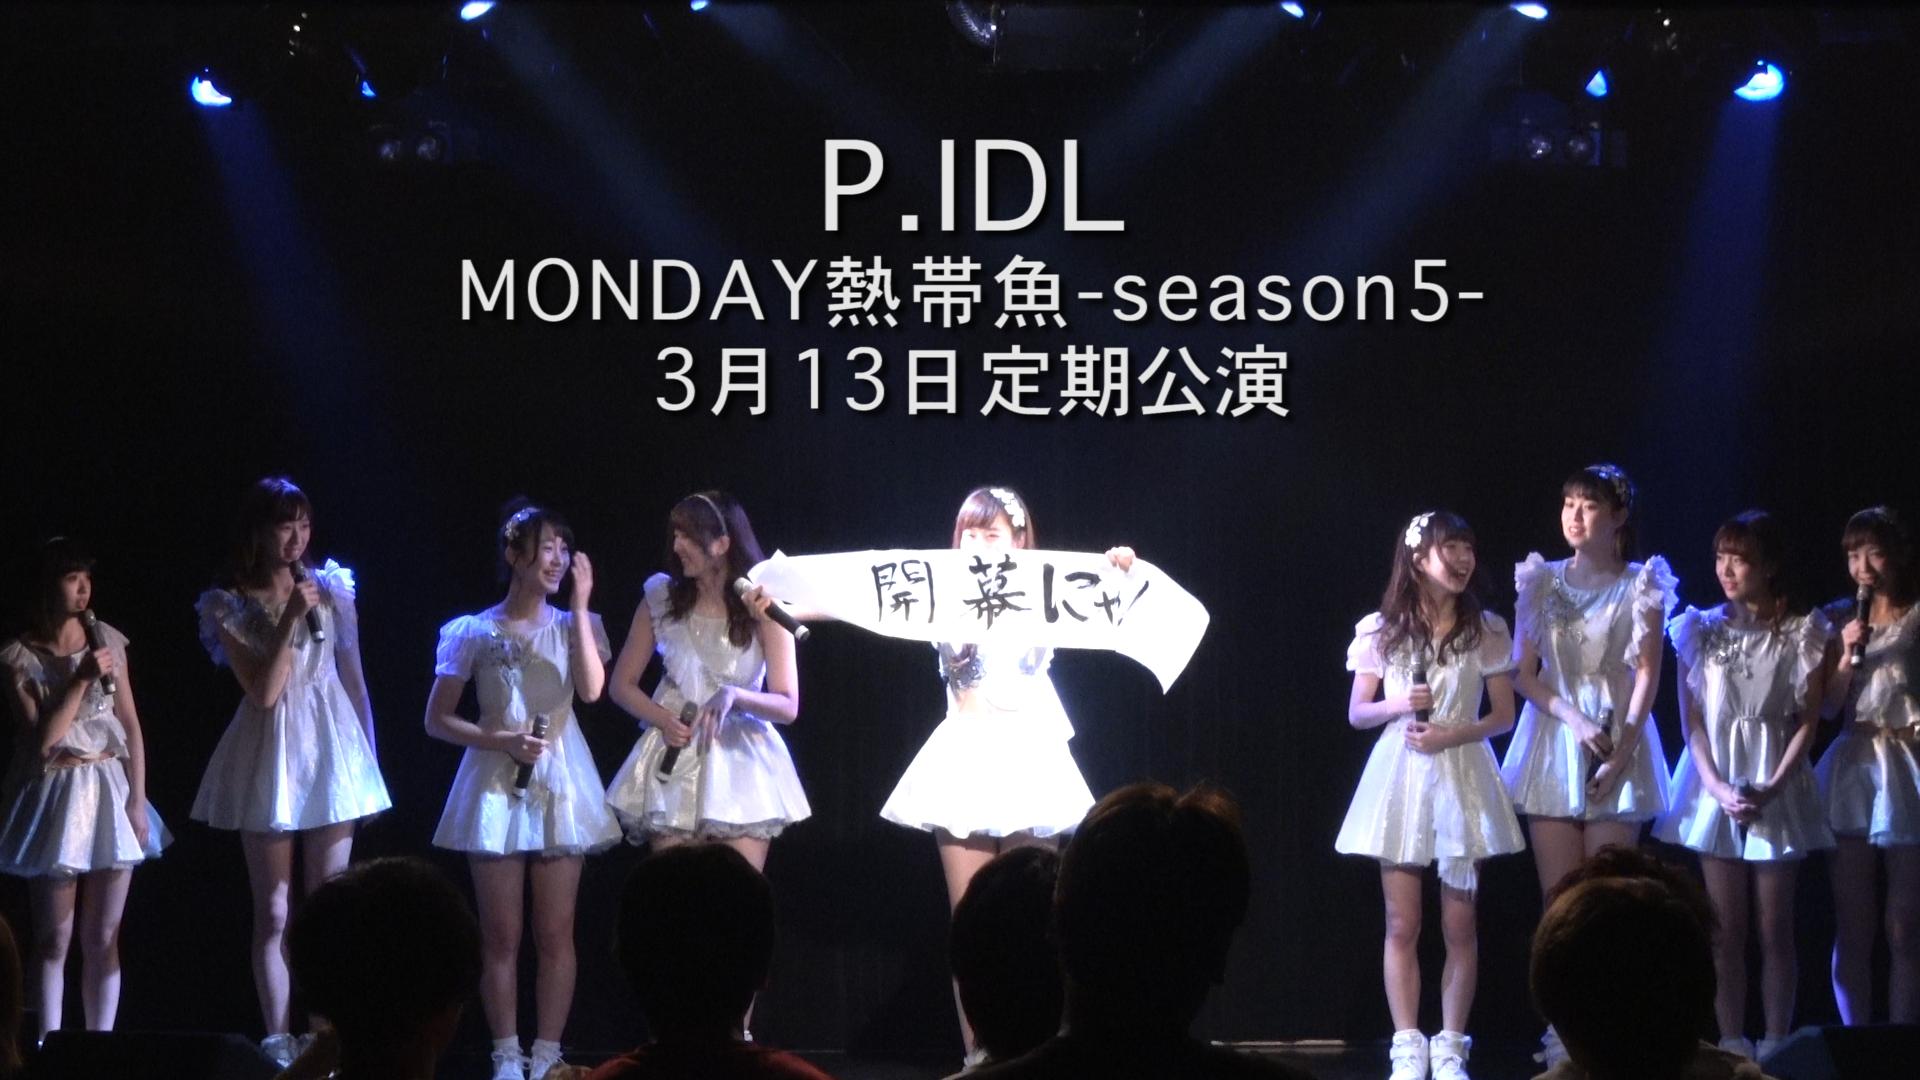 """3月13日P.IDL定期公演""""MONDAY熱帯魚-season5-"""""""